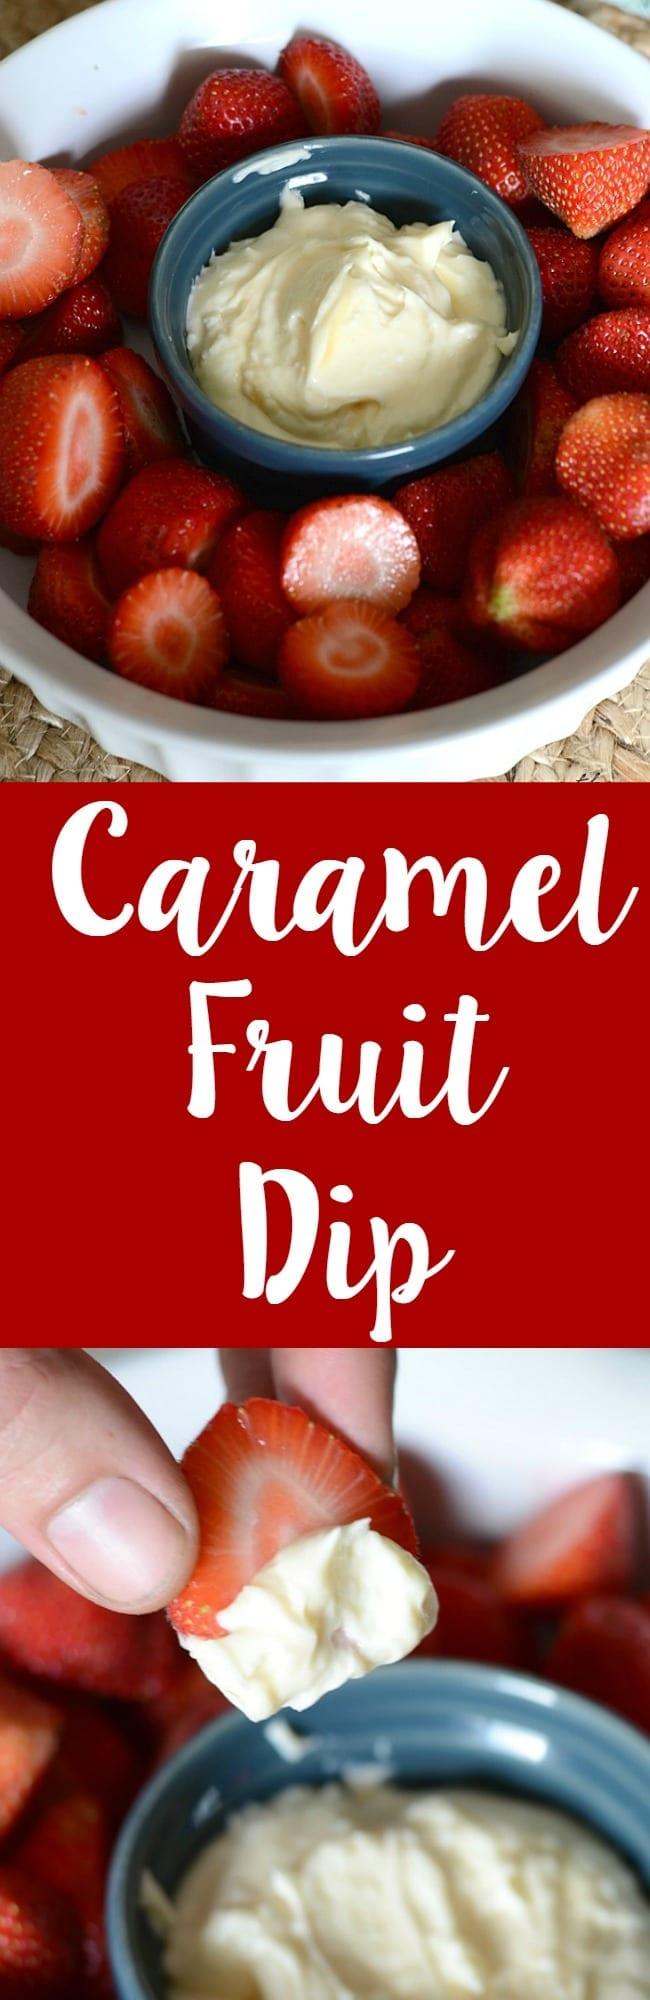 Easy to make caramel fruit dip recipe